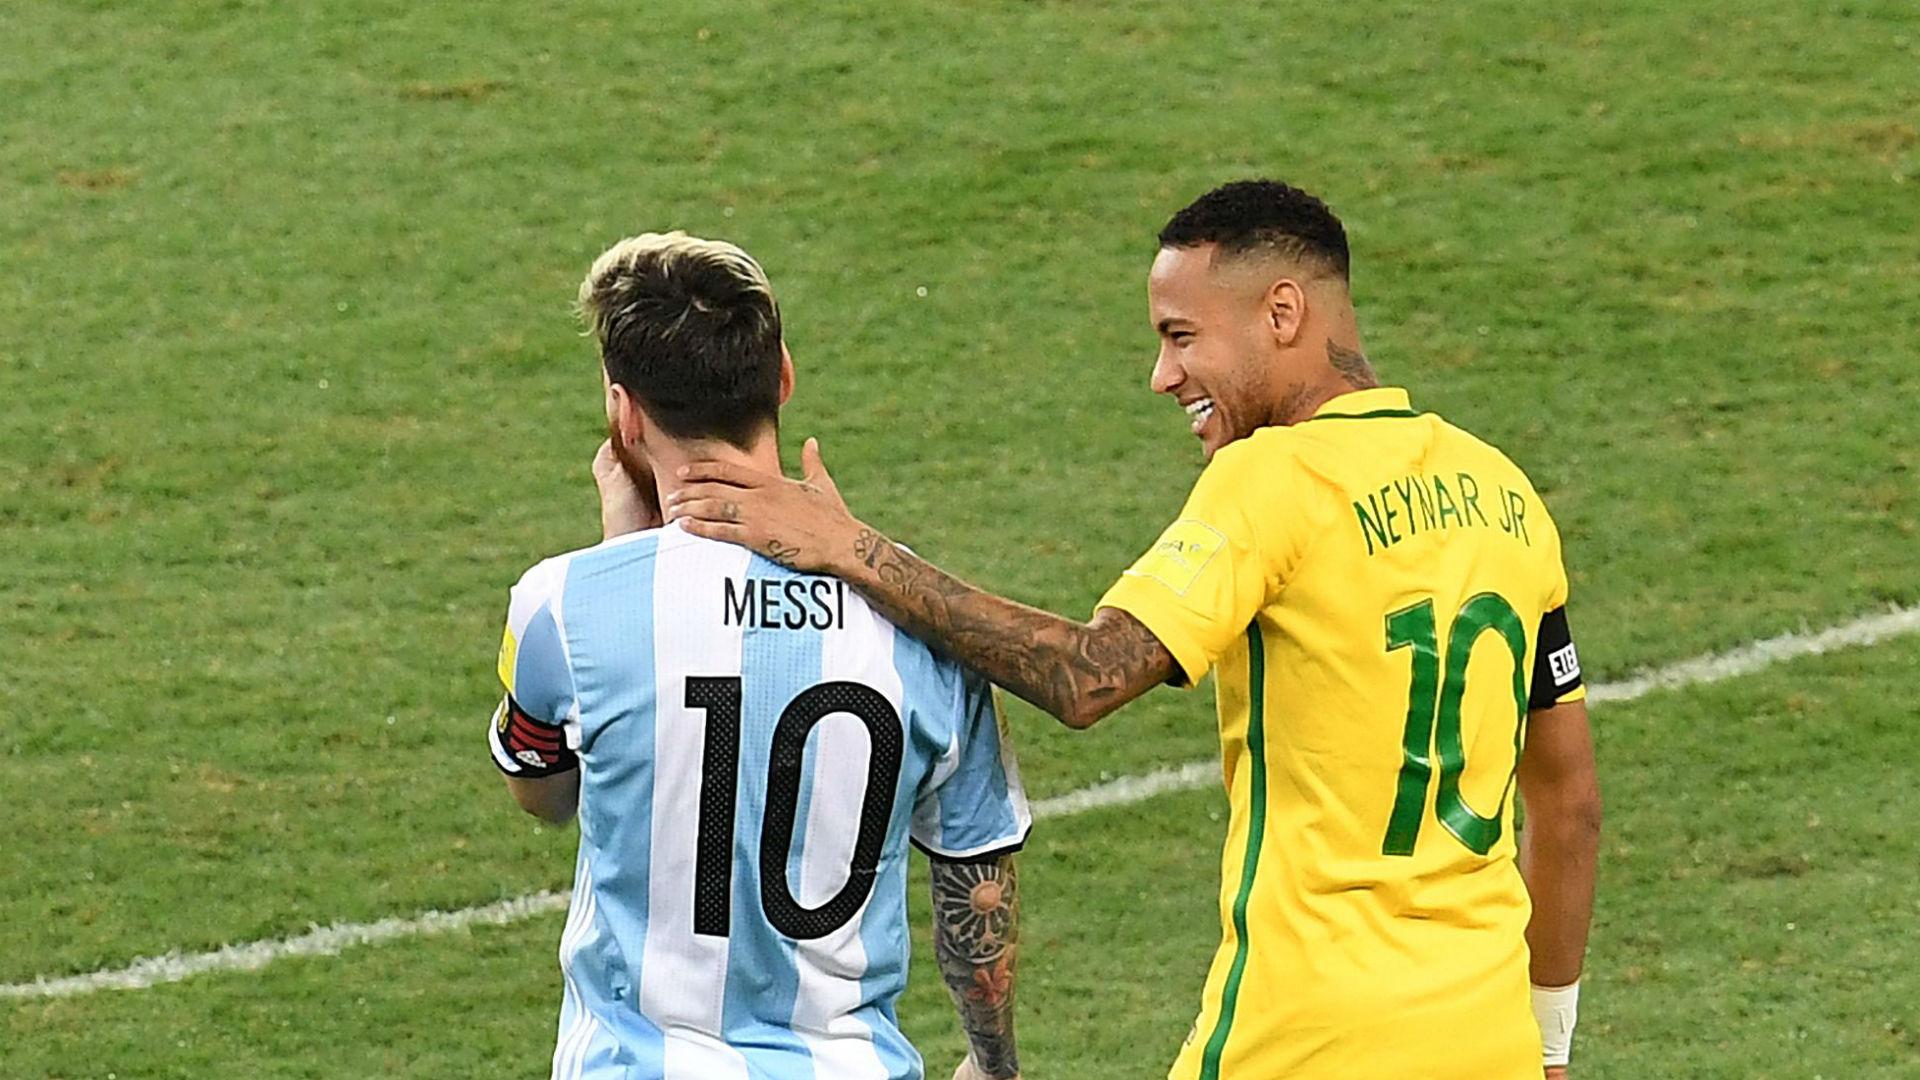 Nhận định bóng đá Argentina vs Brazil, 7h00 ngày 11/7, chung kết Copa America 2021